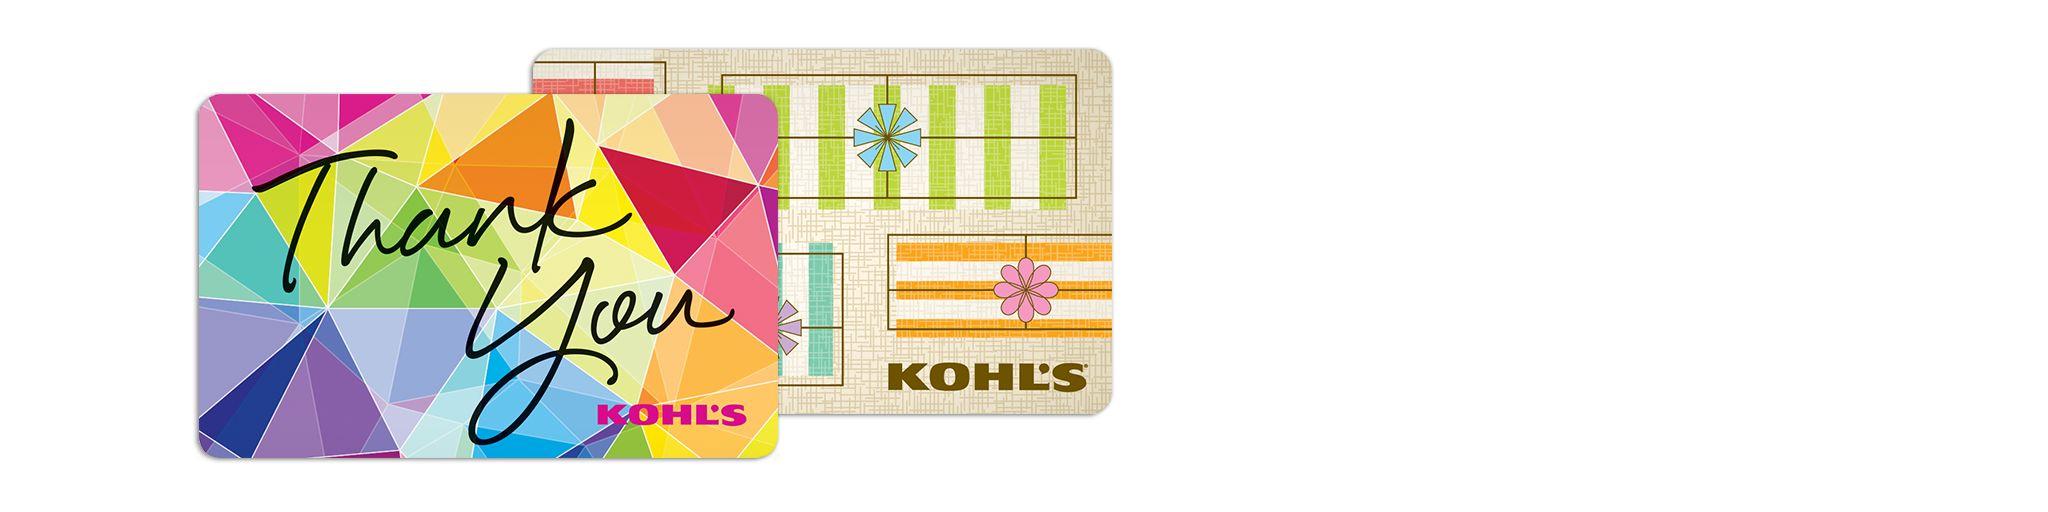 Gift Cards: Kohls Gift Cards & Gift Card Holders Kohls